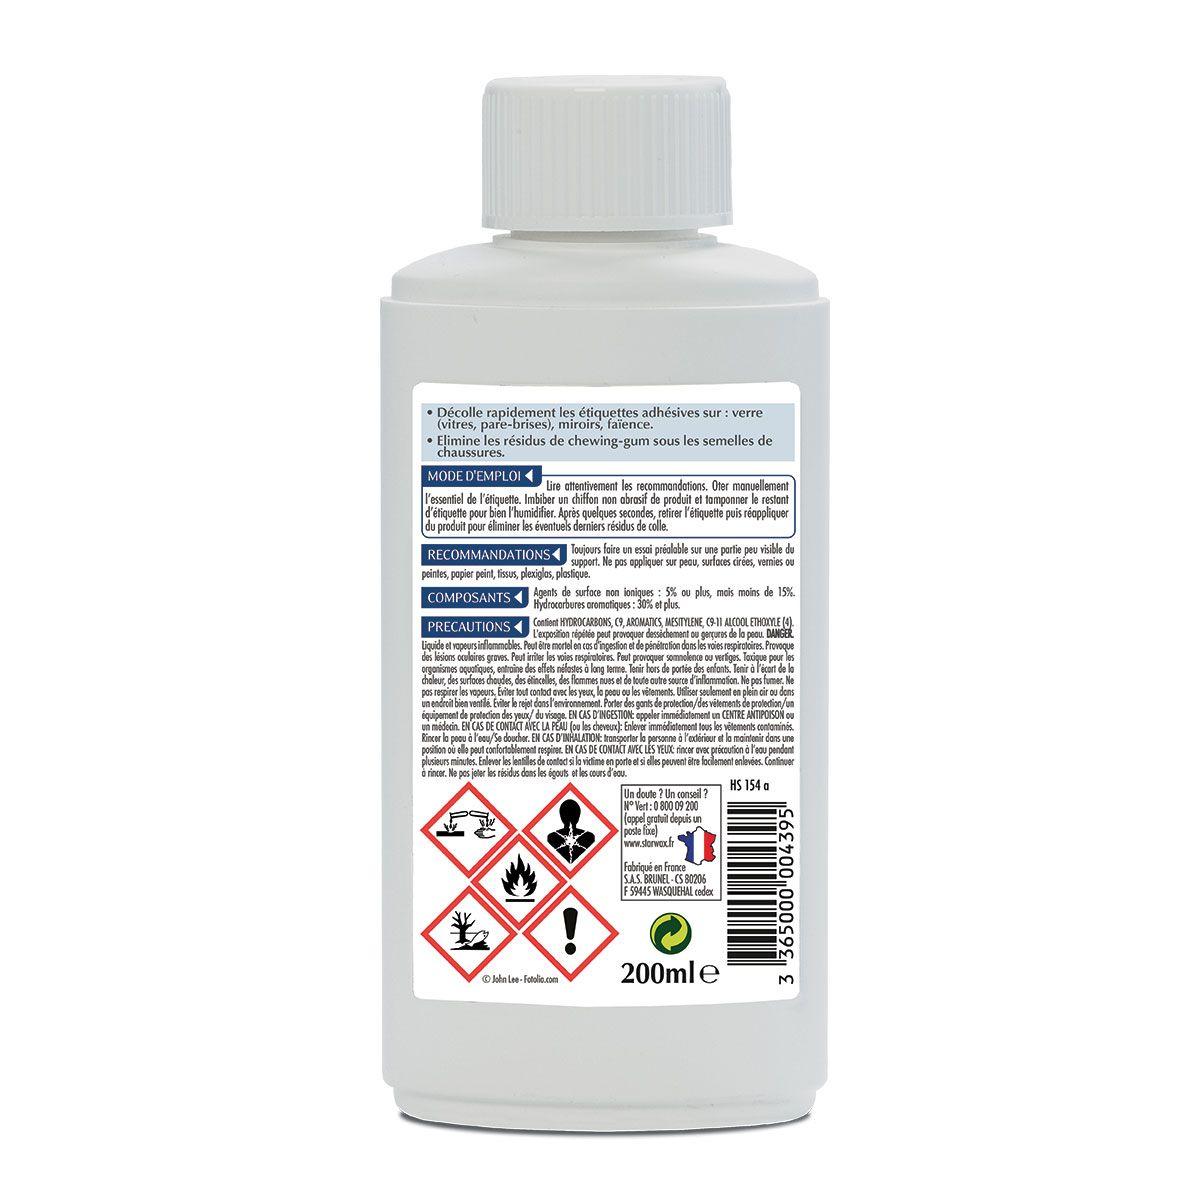 Décolle adhesifs - Starwax